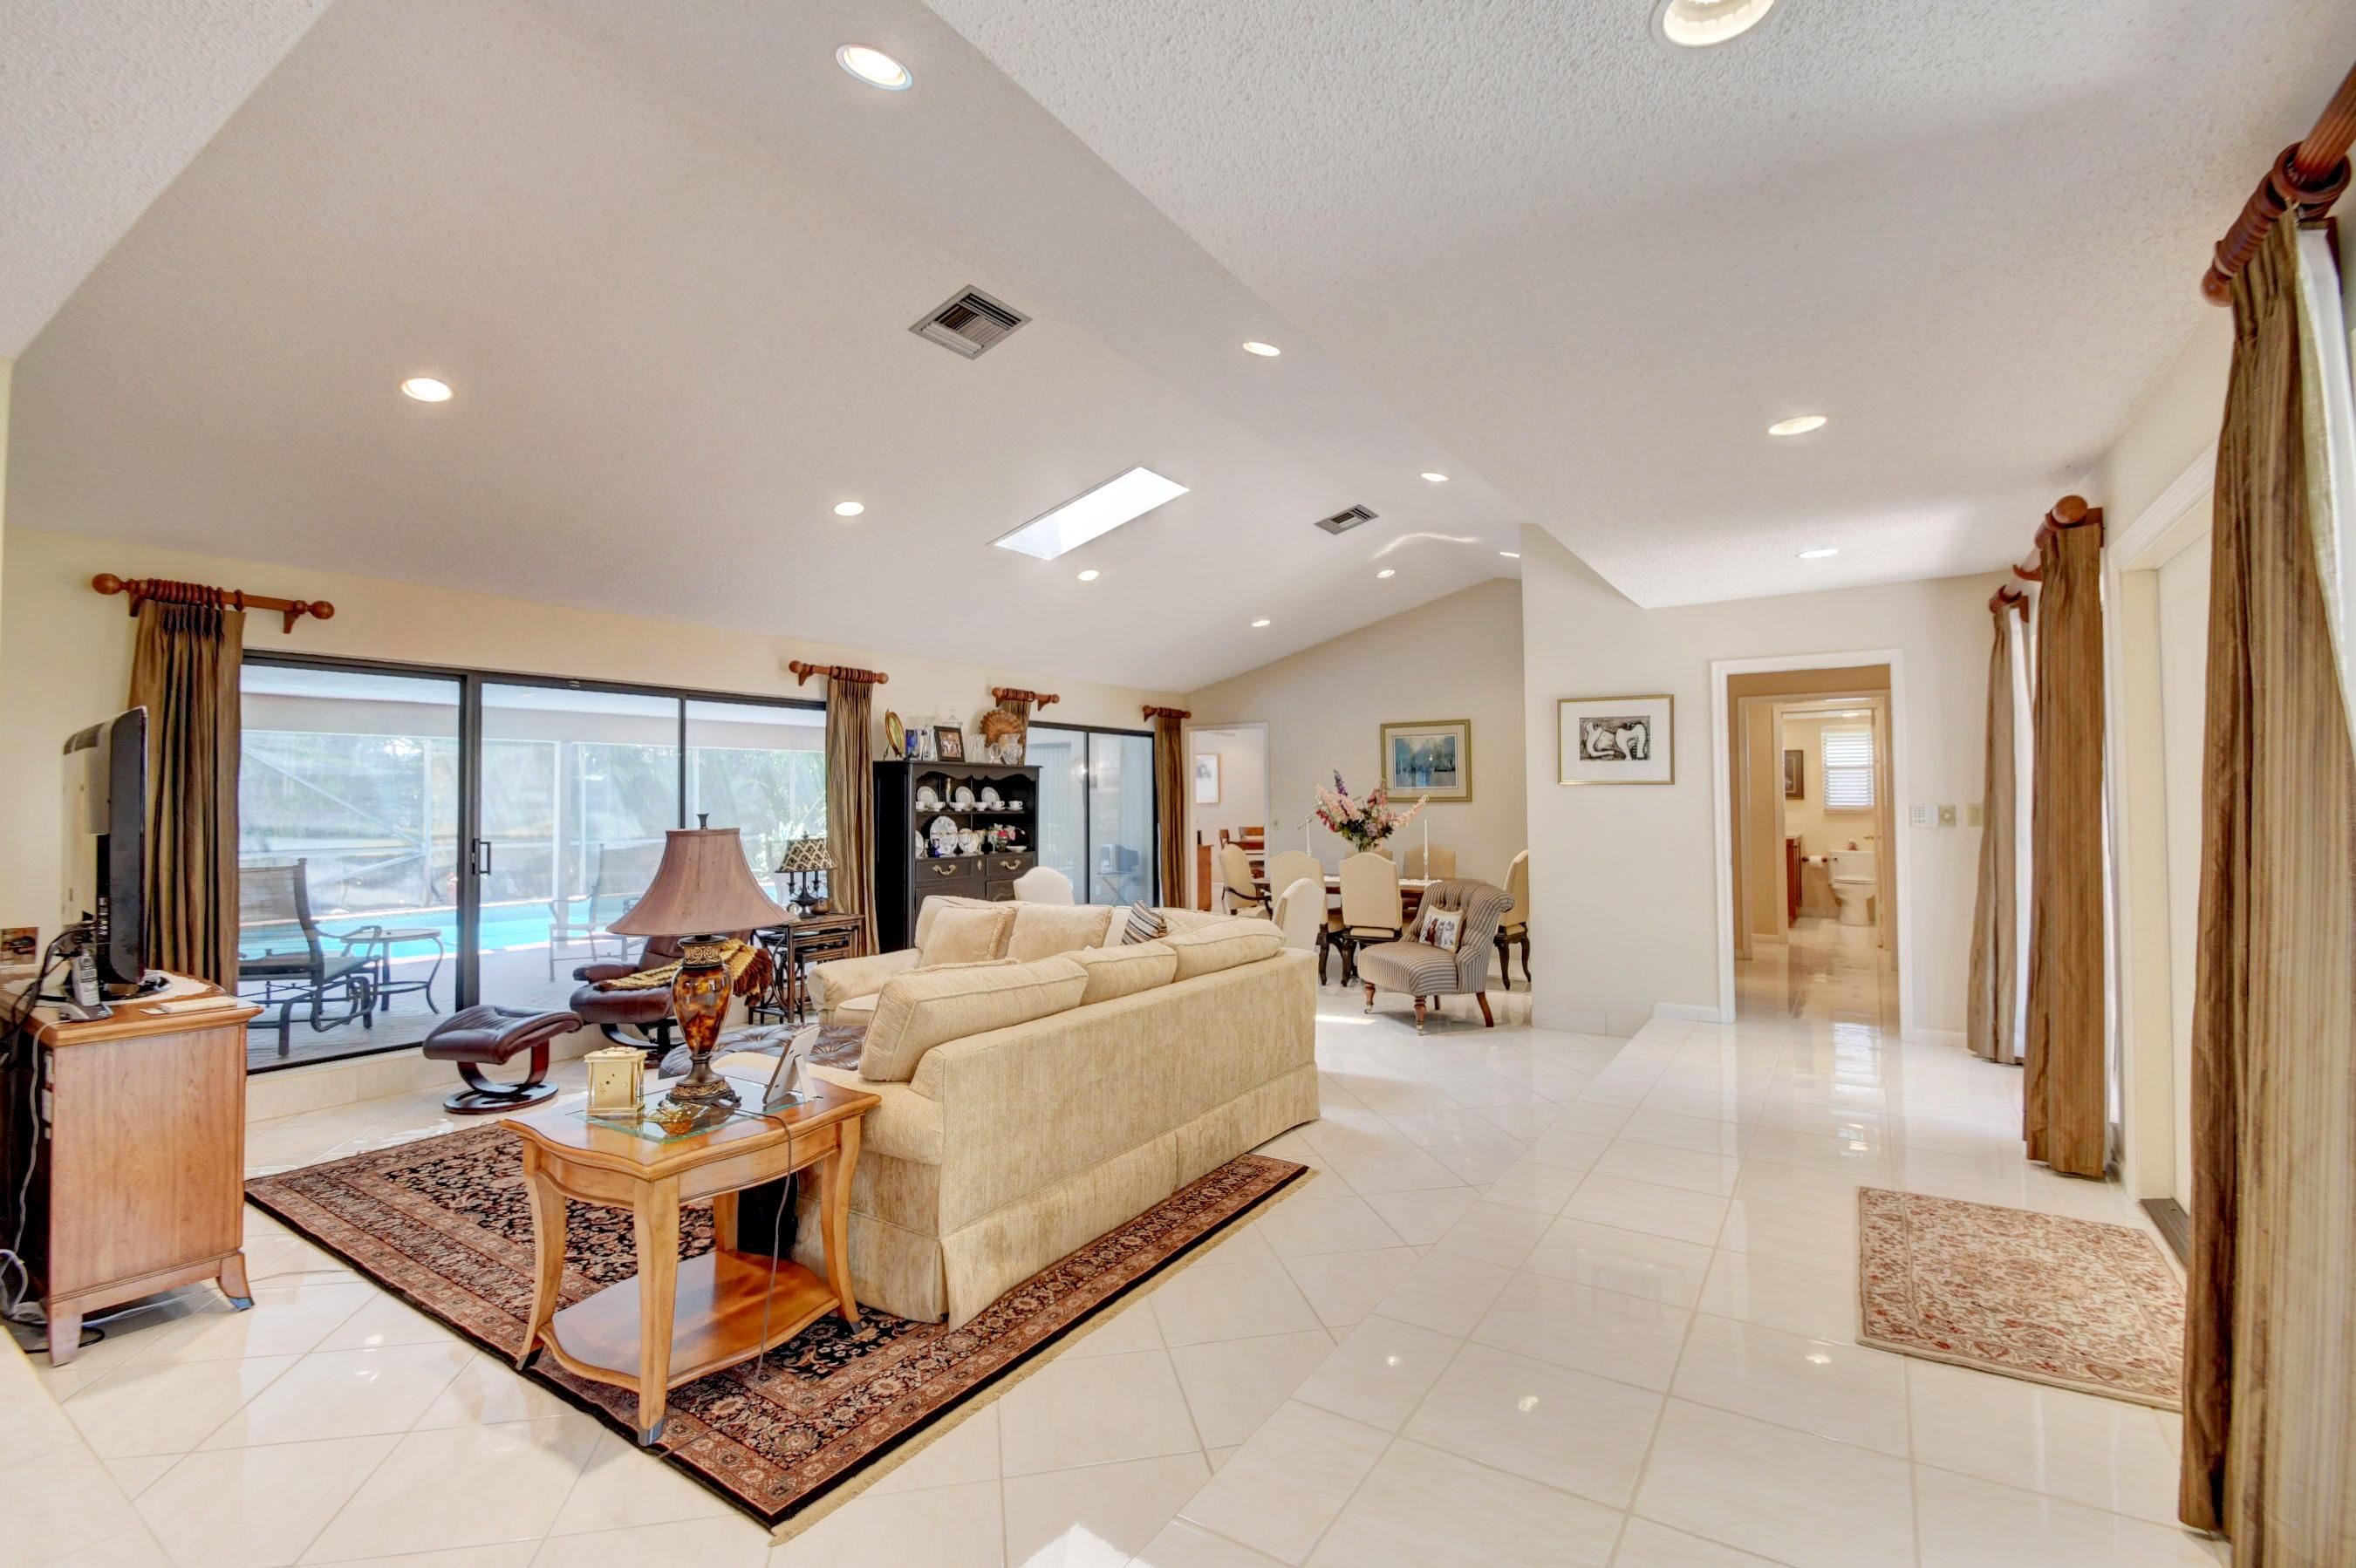 Image 5 For 4564 White Cedar Lane